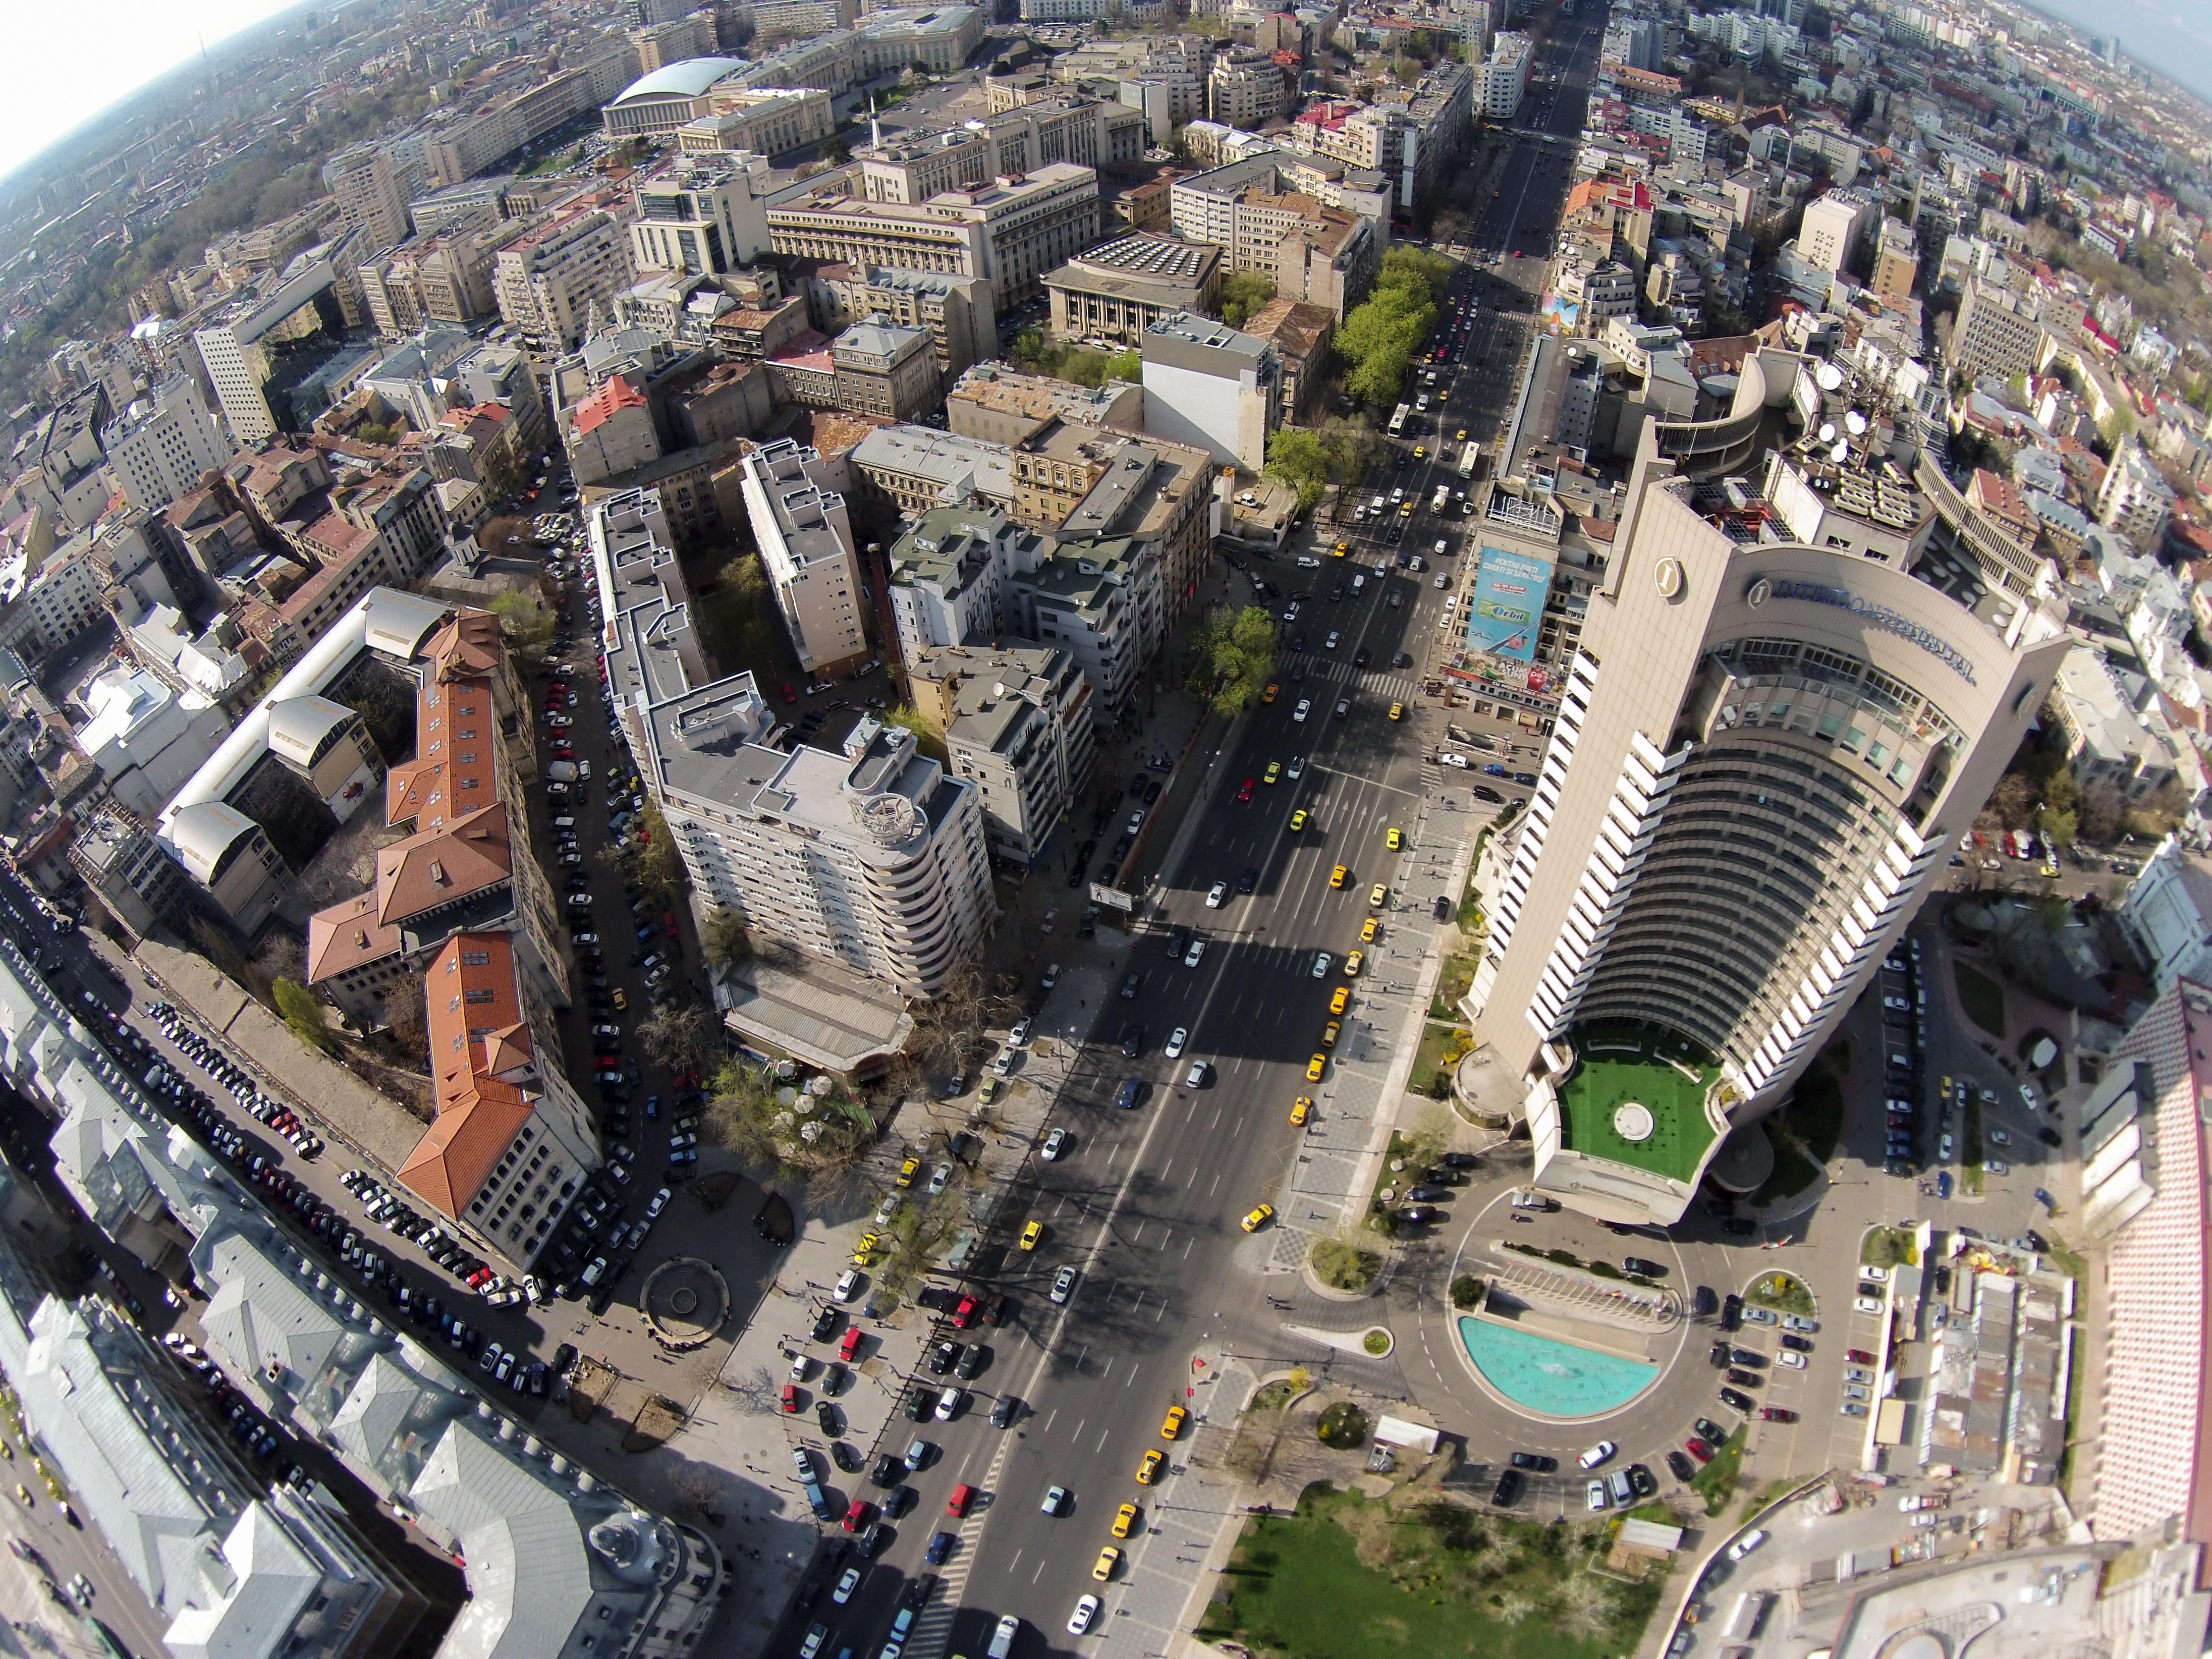 Fenomene meteo EXTREME anunţate în Bucureşti | Primarul Gabriela Firea face apel la deţinătorii de panouri publicitare, pentru a nu se repeta incidentul din Timişoara